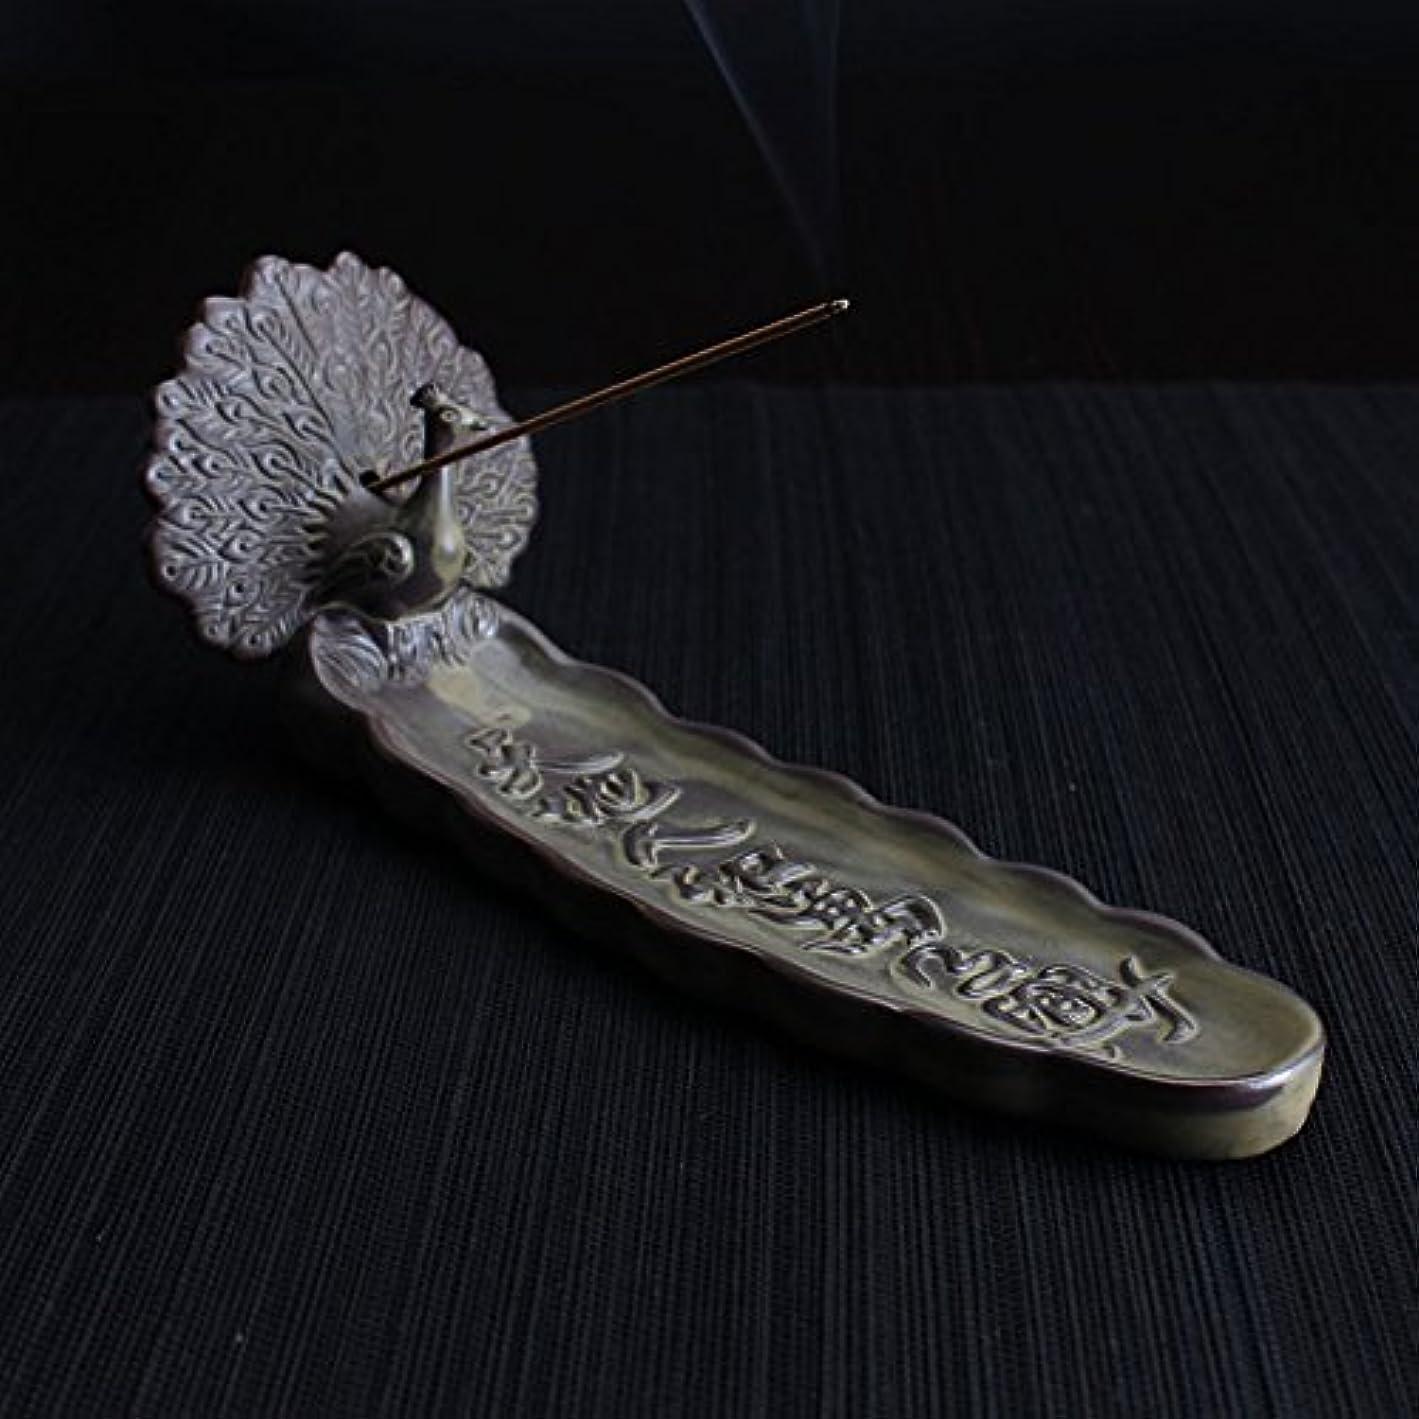 雨ベンチャーエネルギー香炉セラミック/ Peacock / Joss stick incense Seat / Heavy Incense Burner